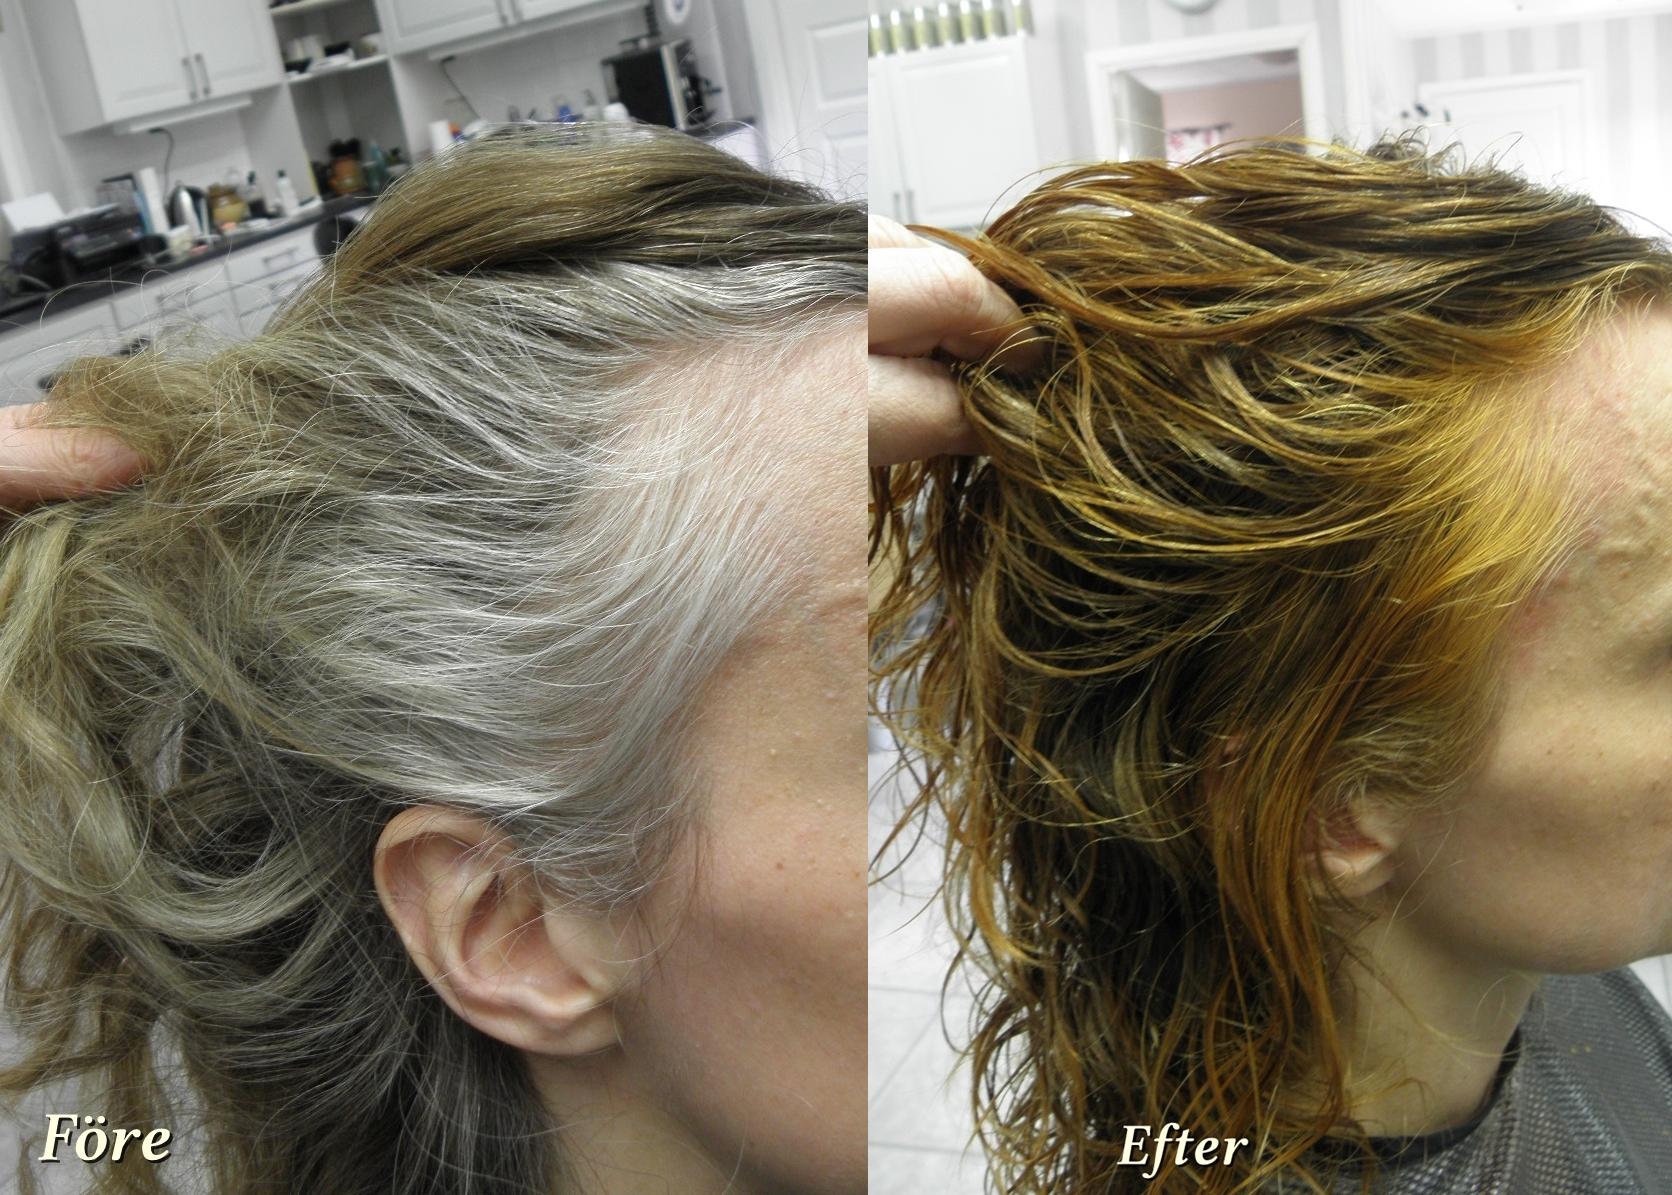 mot grått hår